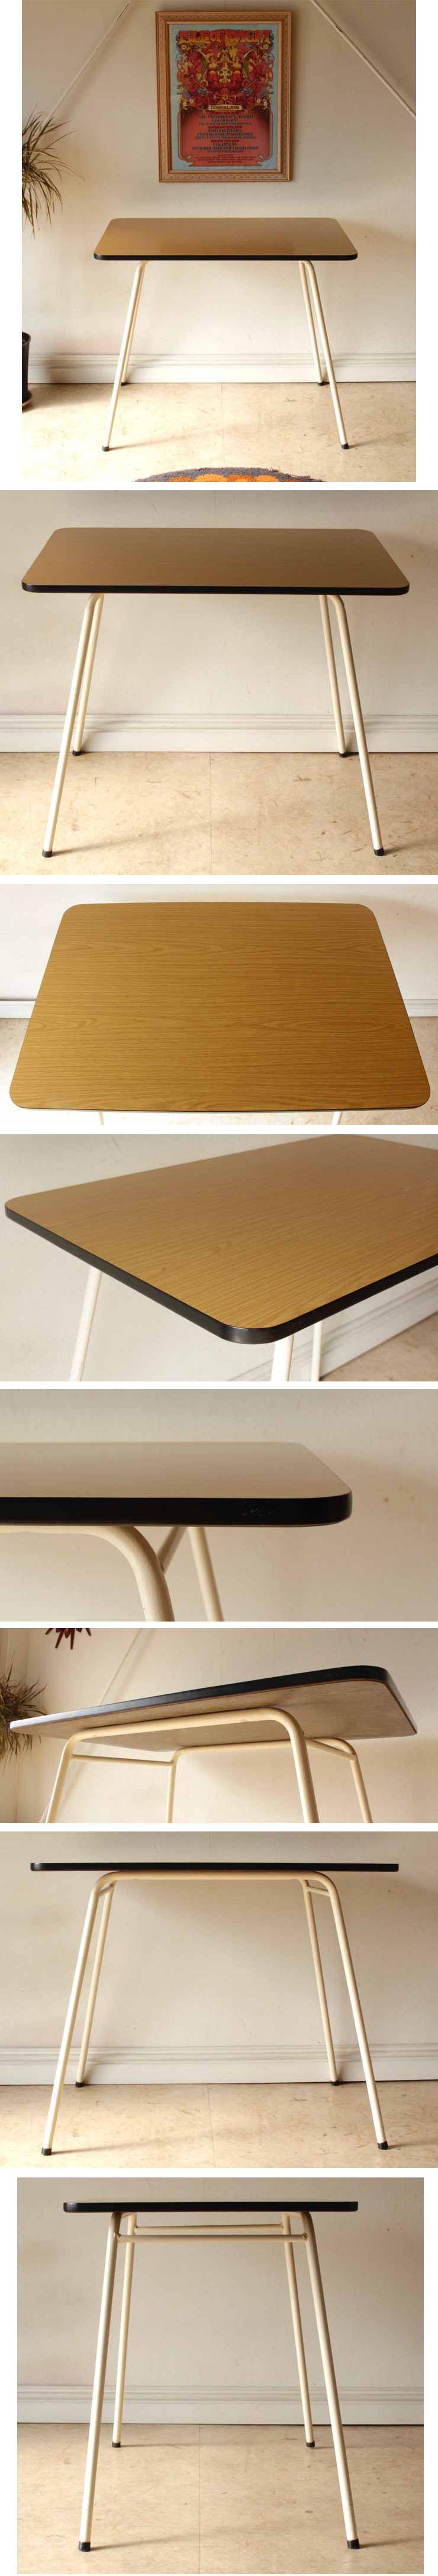 ダイニングテーブル・フォーマイカ・ビンテージ・アンティーク・輸入家具・レトロ